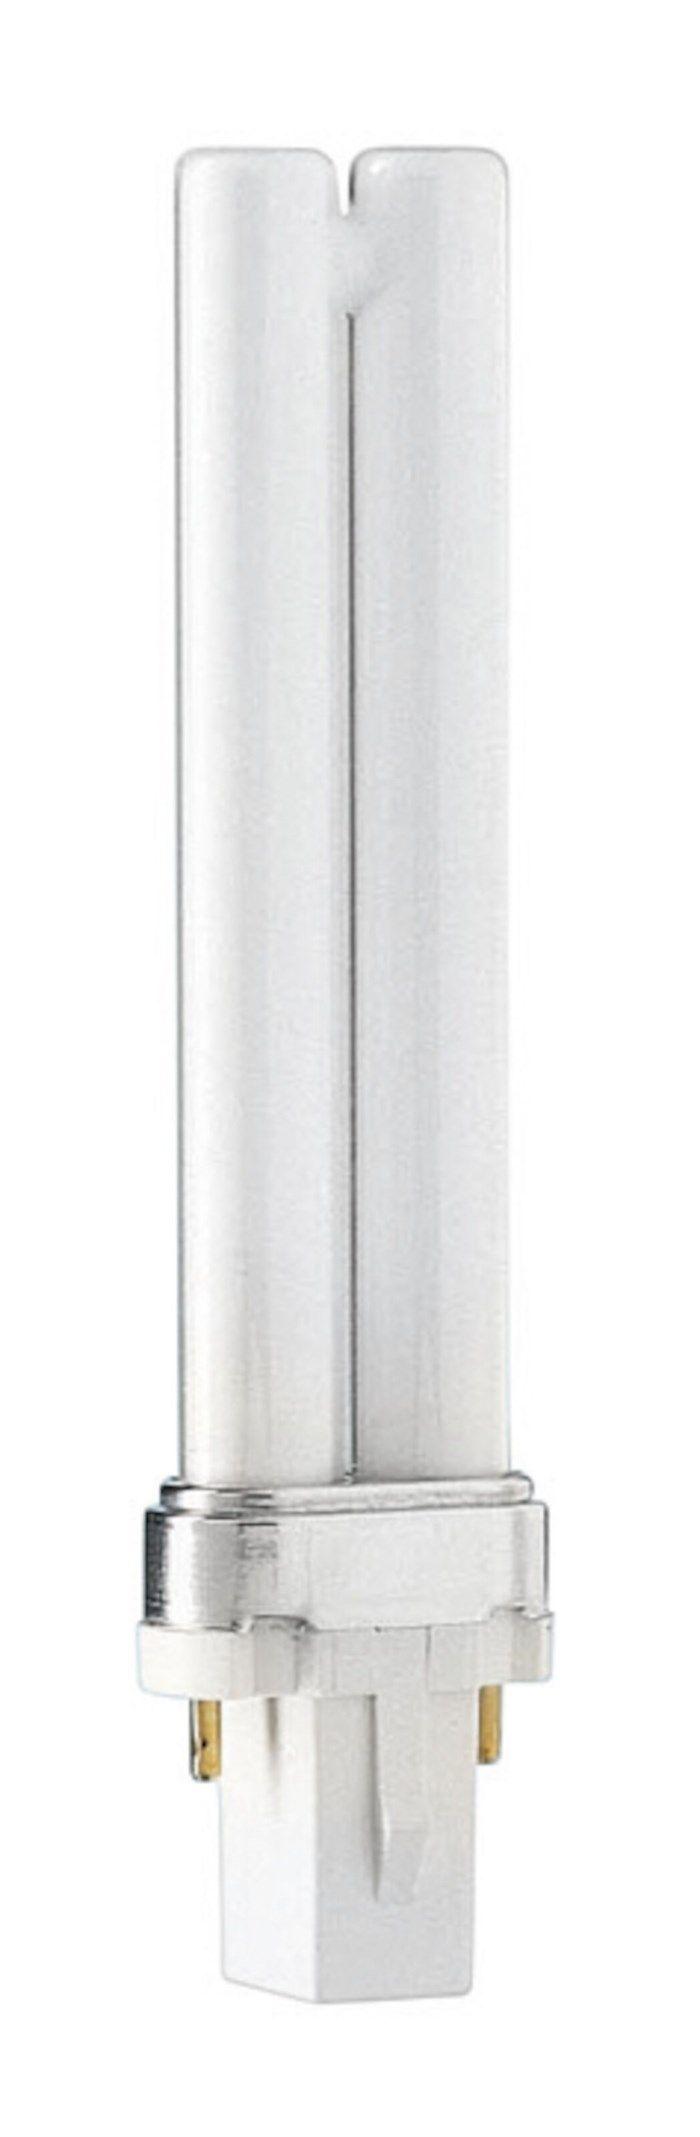 Kompaktlysrör G23 900 lm